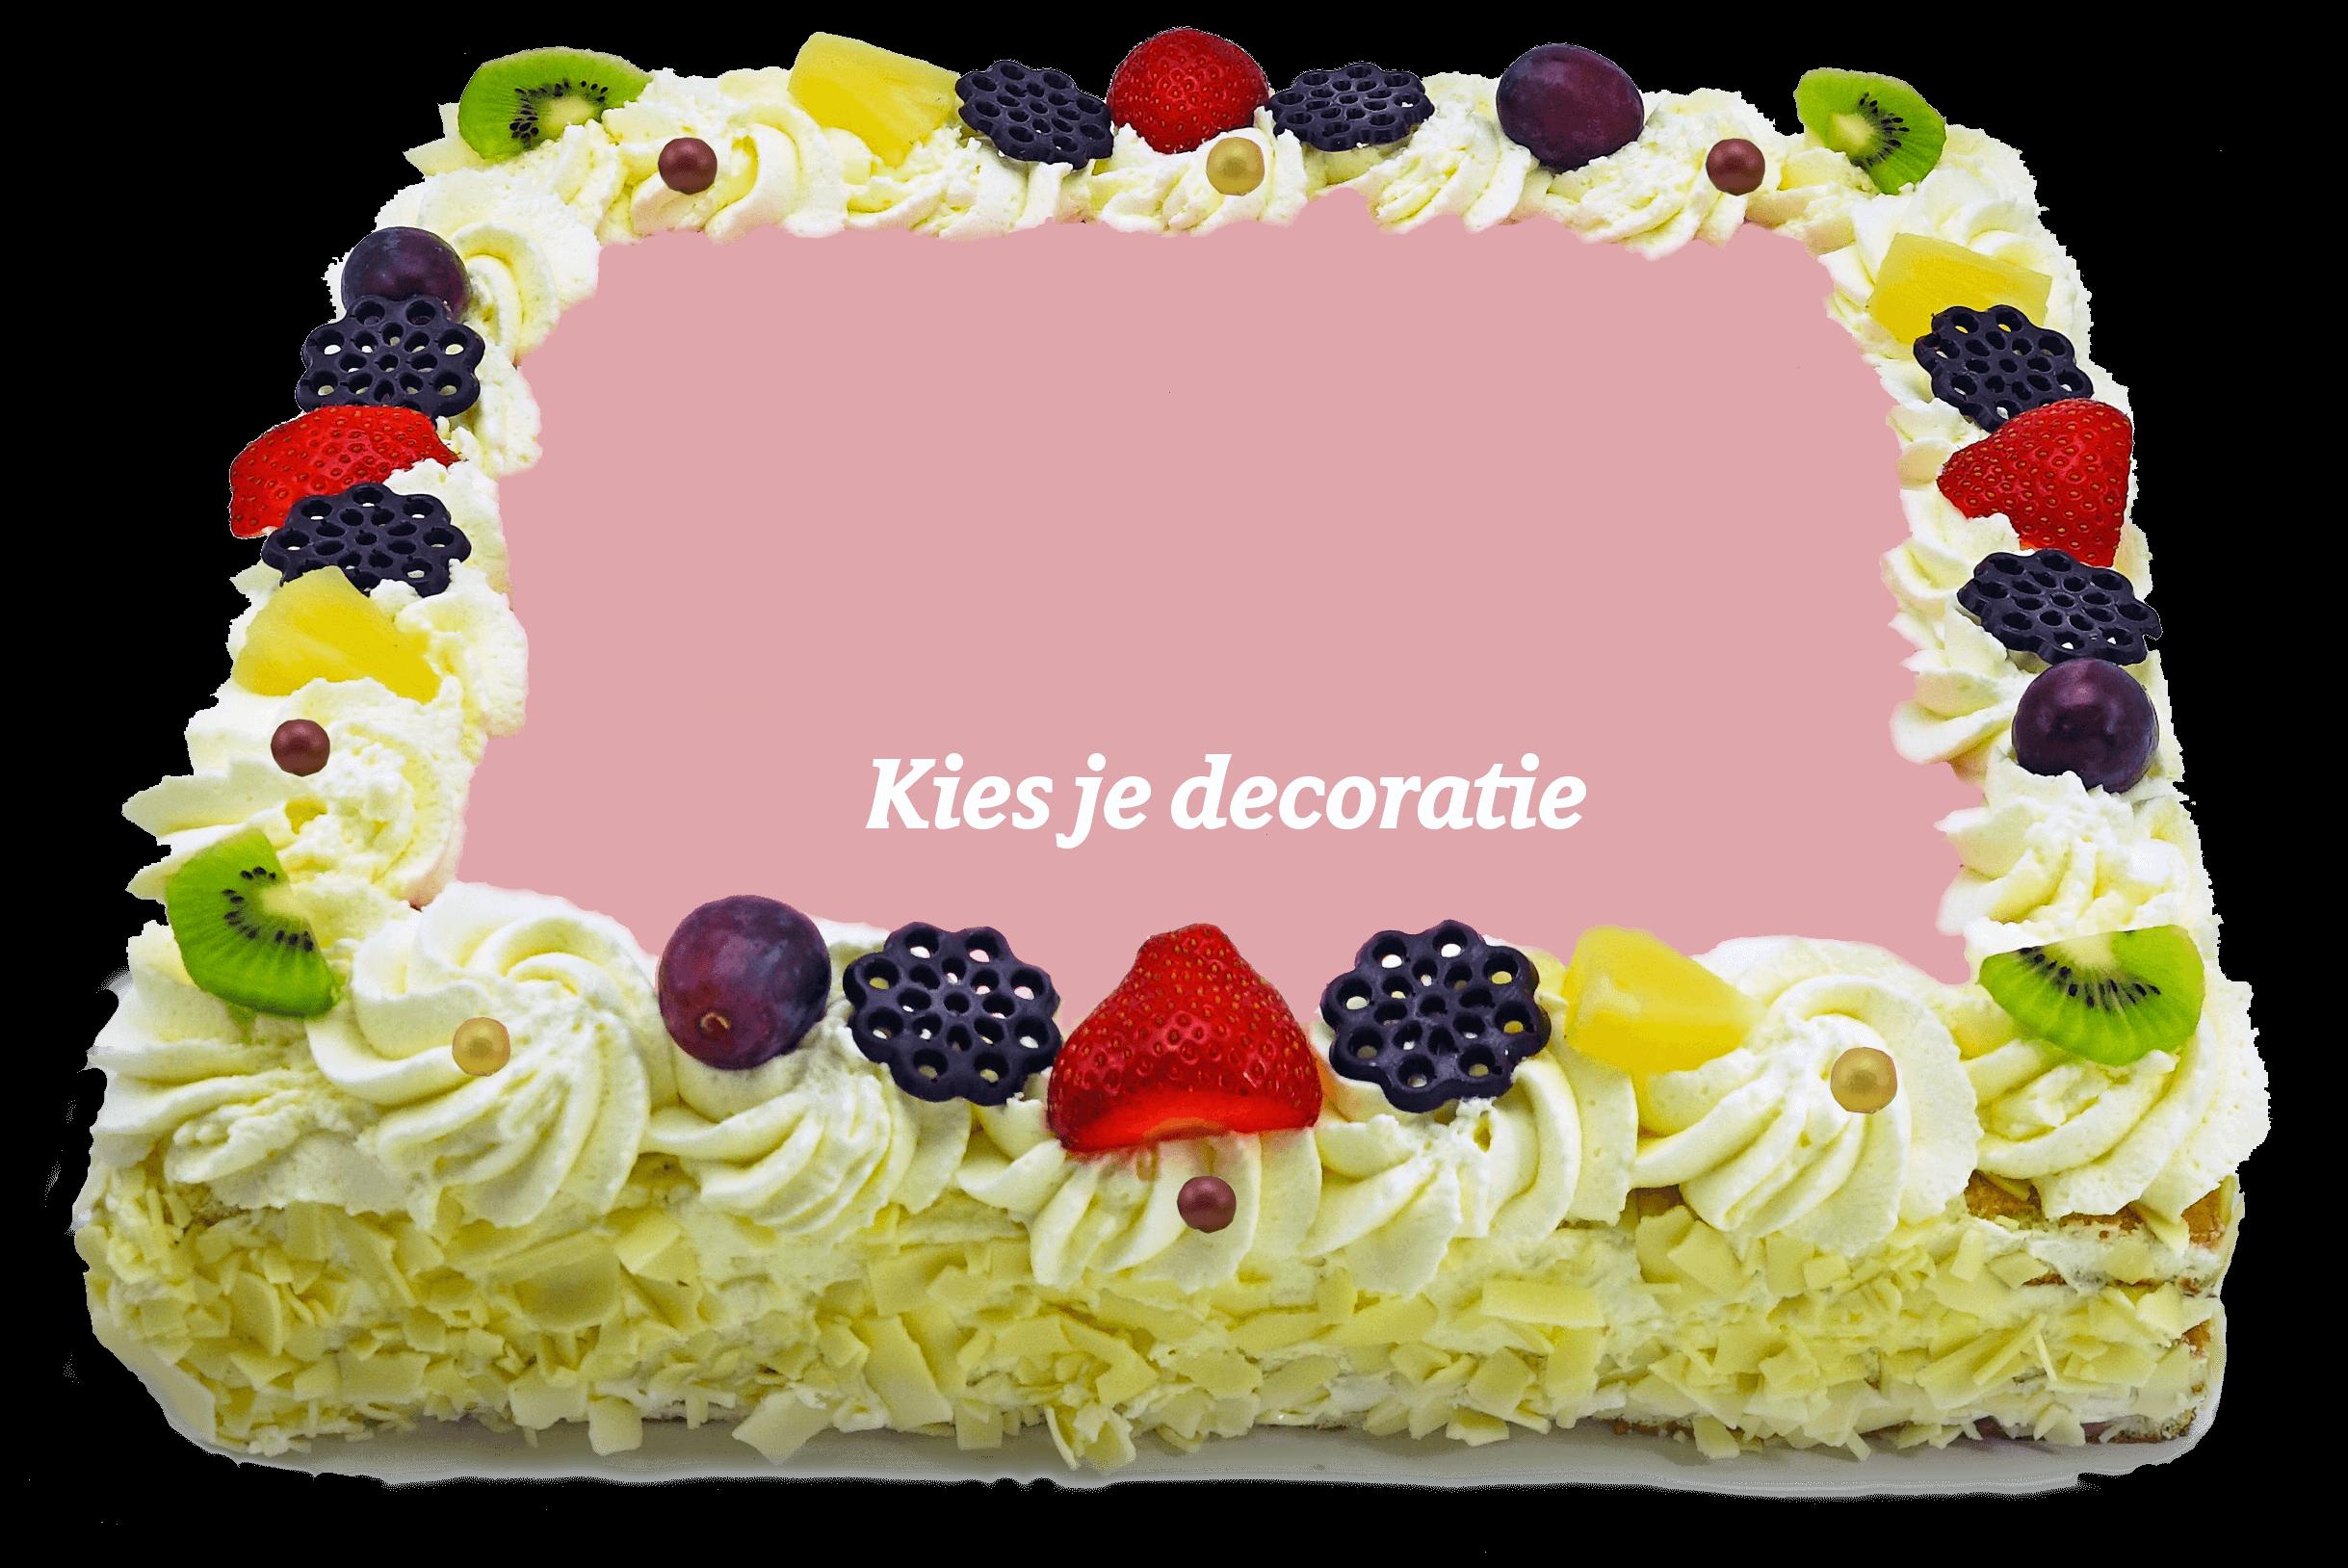 Decoratie taart bakkerij kwakman